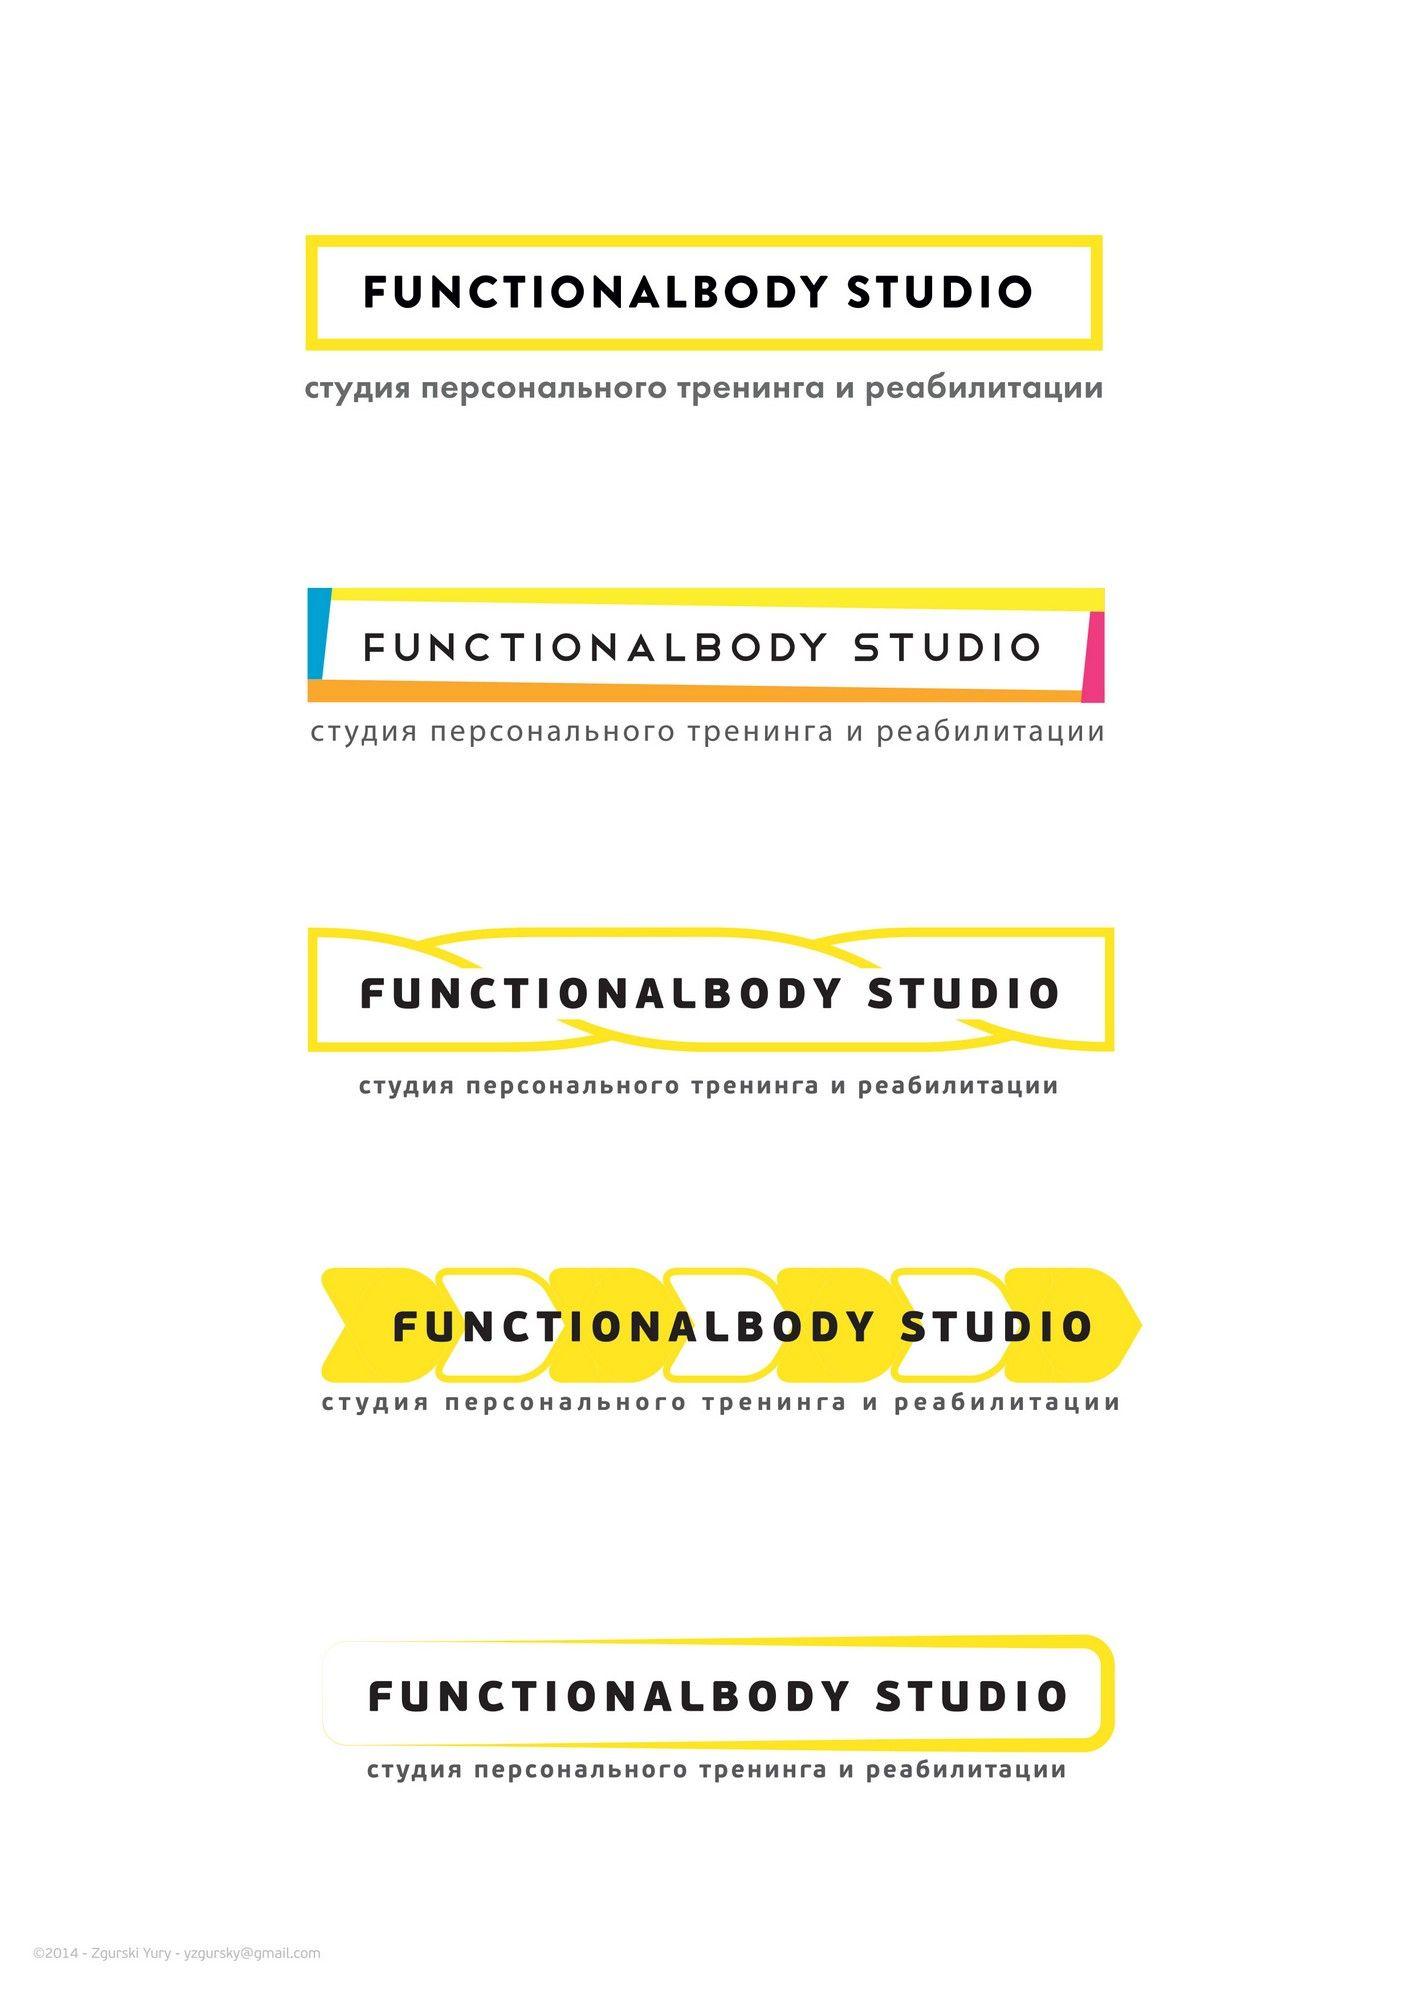 Лого и фирменный стиль для спортивной студии  - дизайнер Odinus